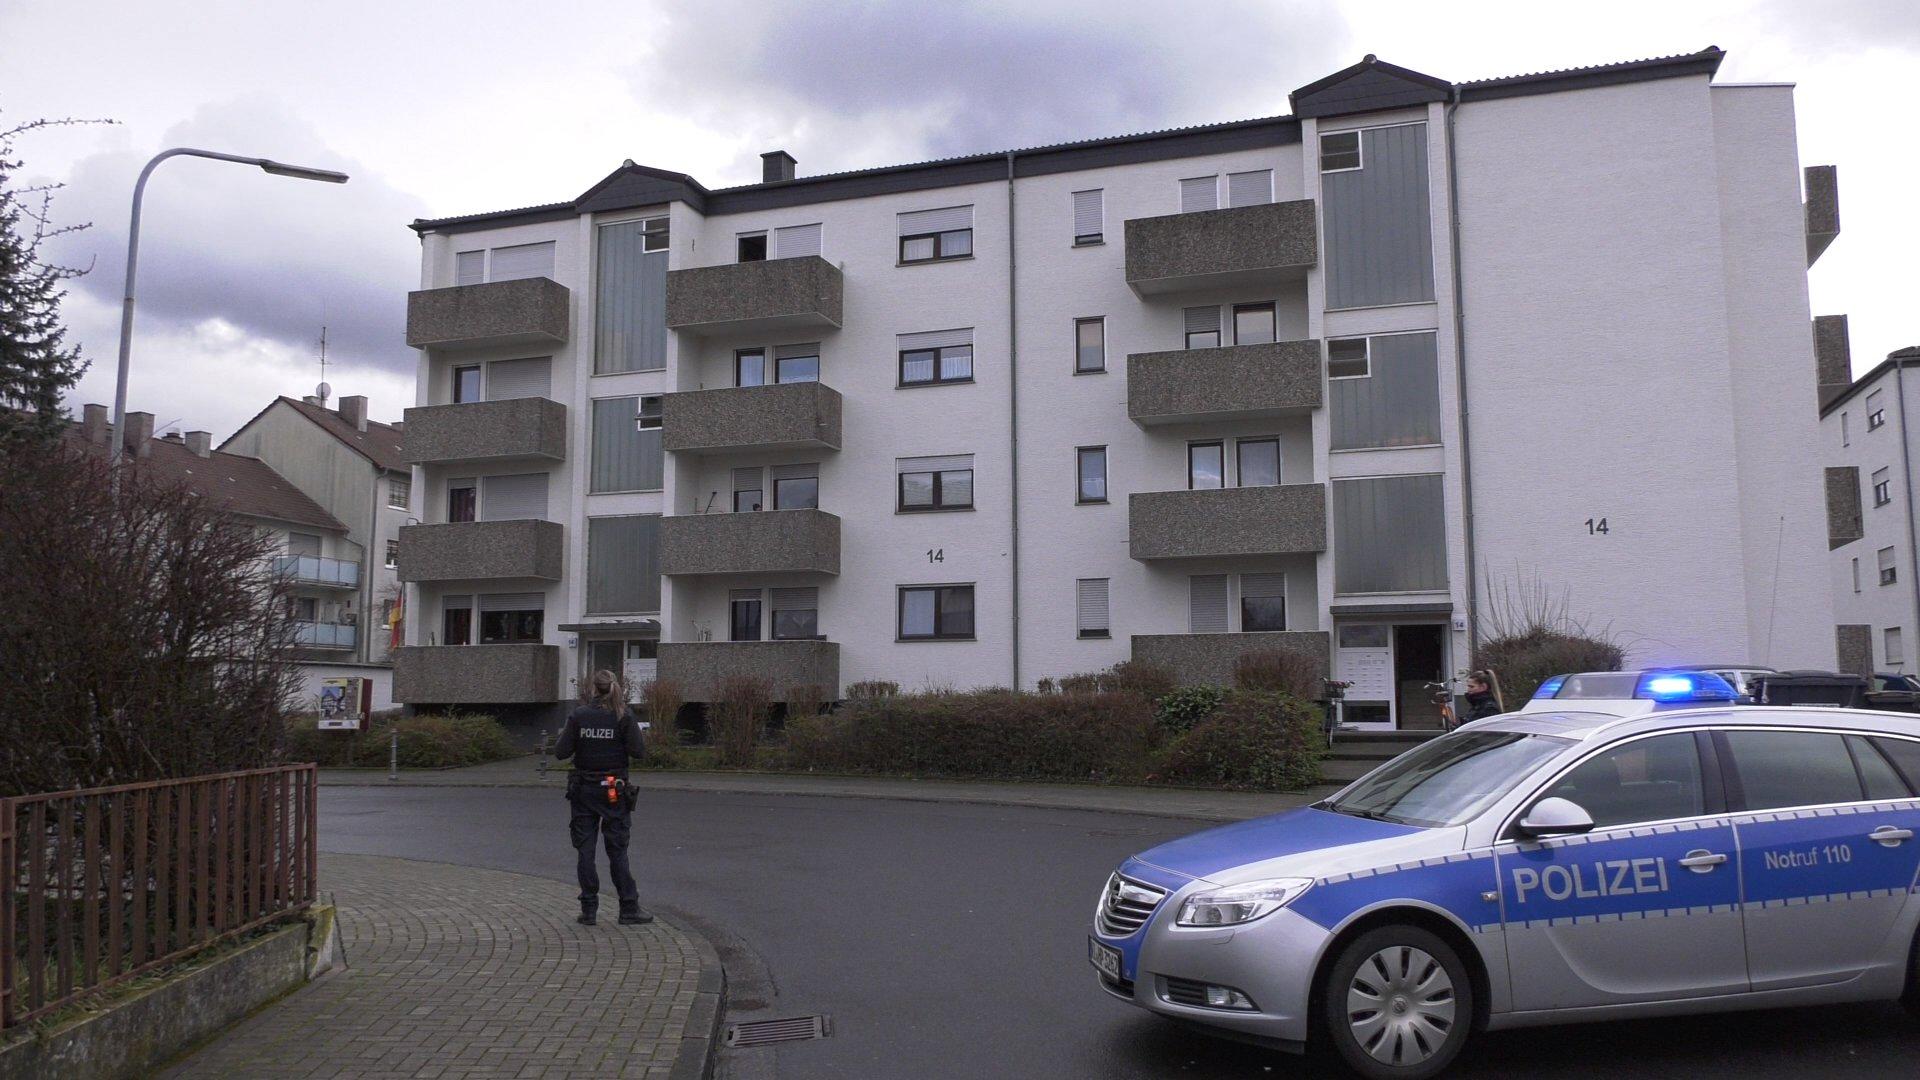 Schüsse In Offenbach